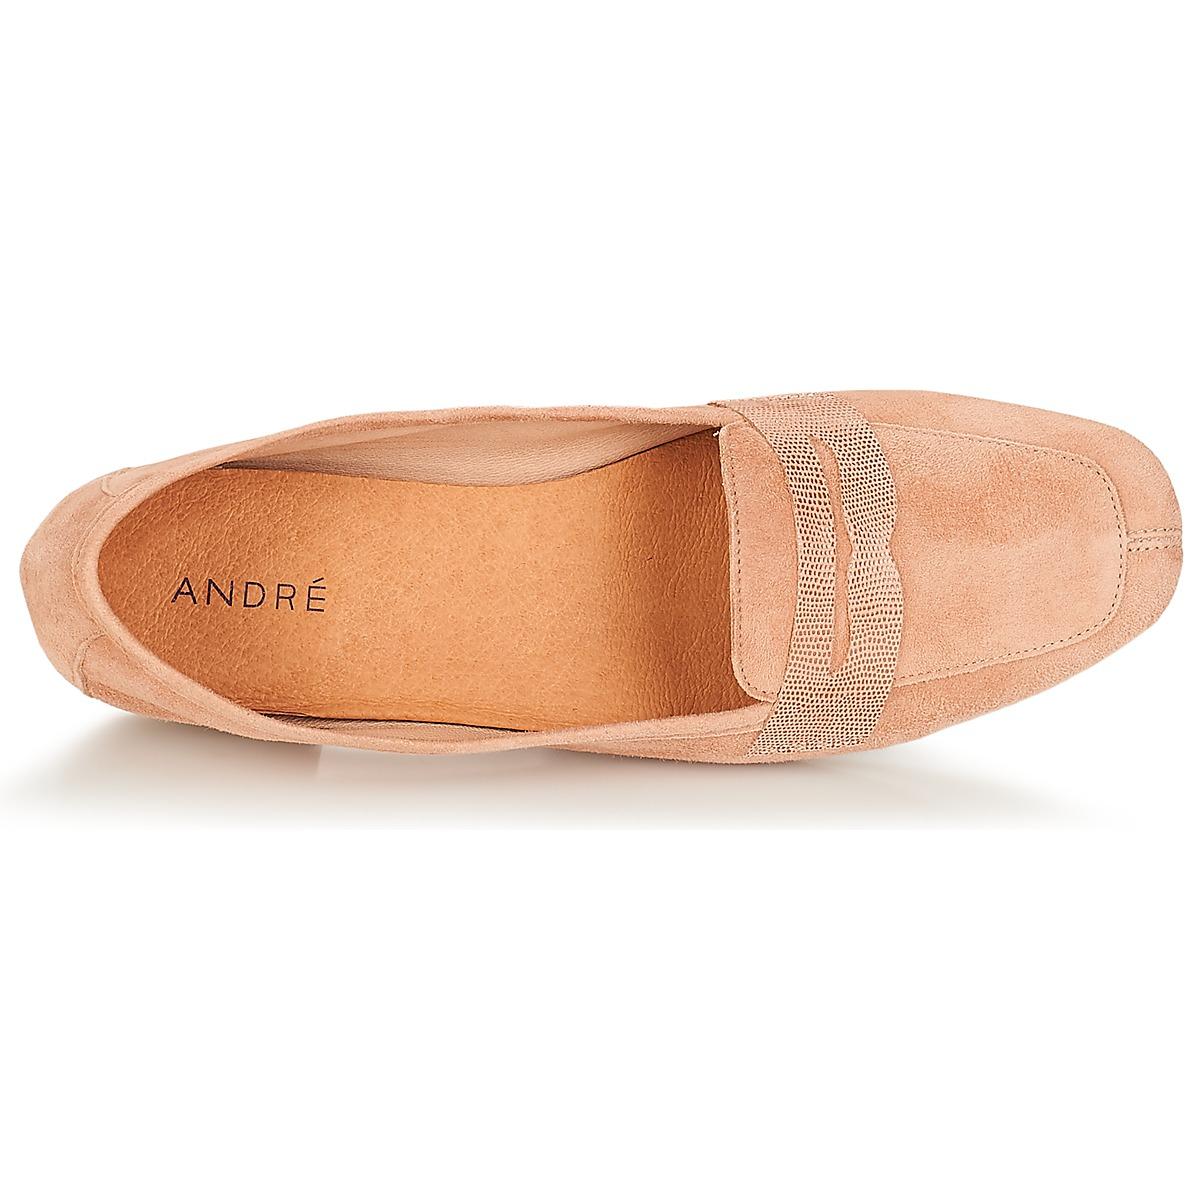 André Namours Rose - Livraison Gratuite Chaussures Mocassins Femme 63,20 €